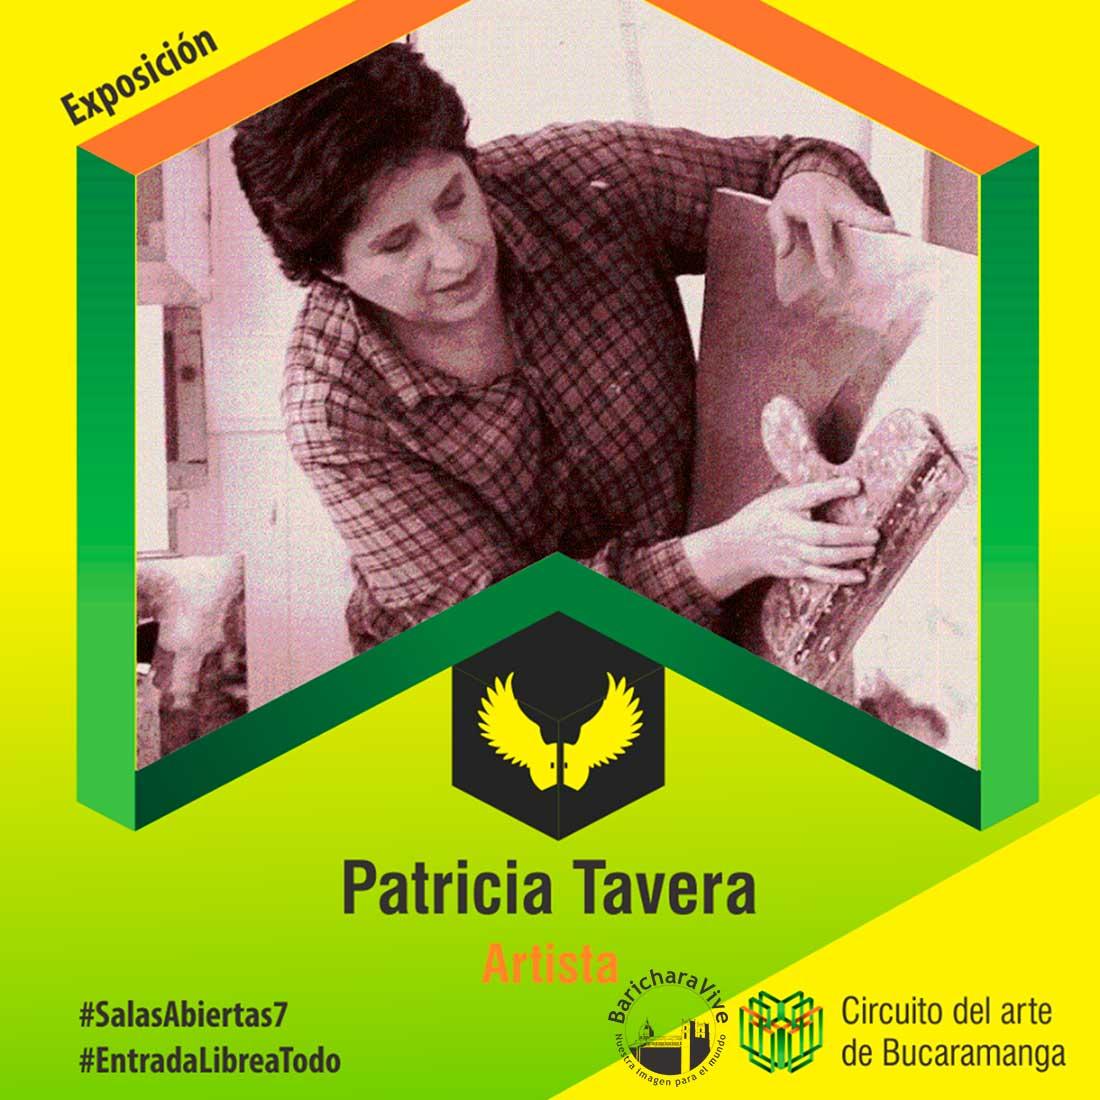 artista-patricia-tavera-7a-edicion-el-centro-con-las-salas-abiertas-bucaramanga-2017